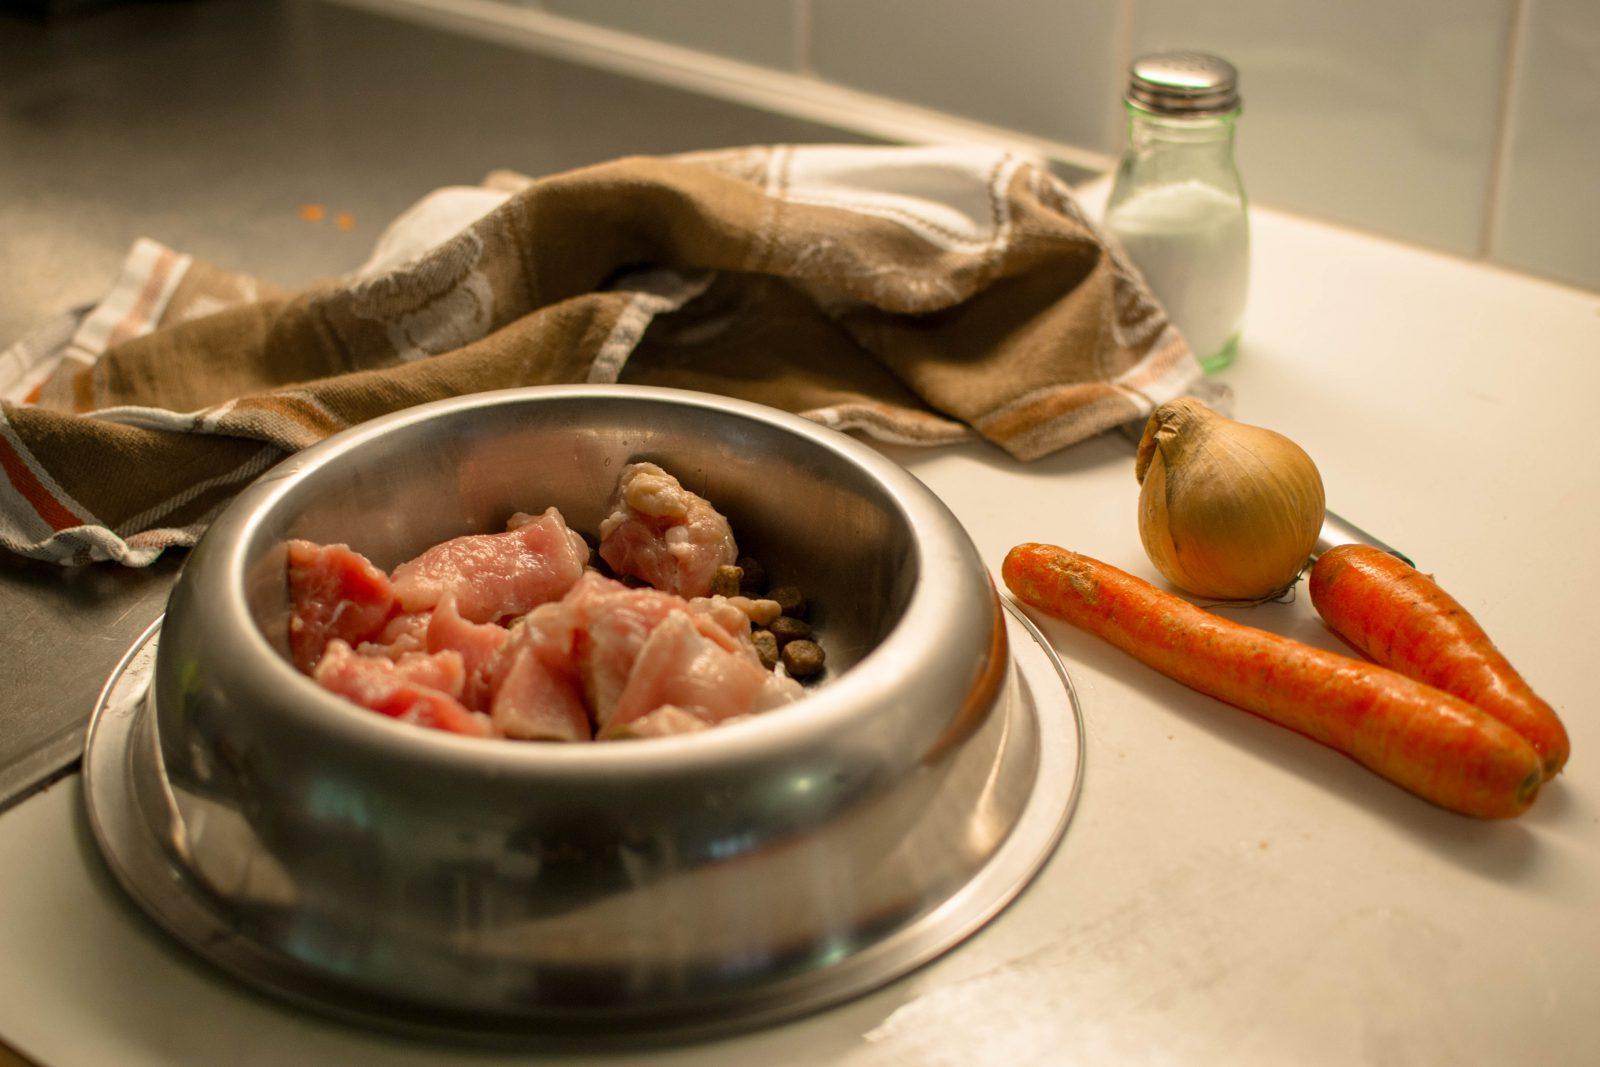 Ração para cachorro: opções de alimentos caseiros na pia para variar dieta.